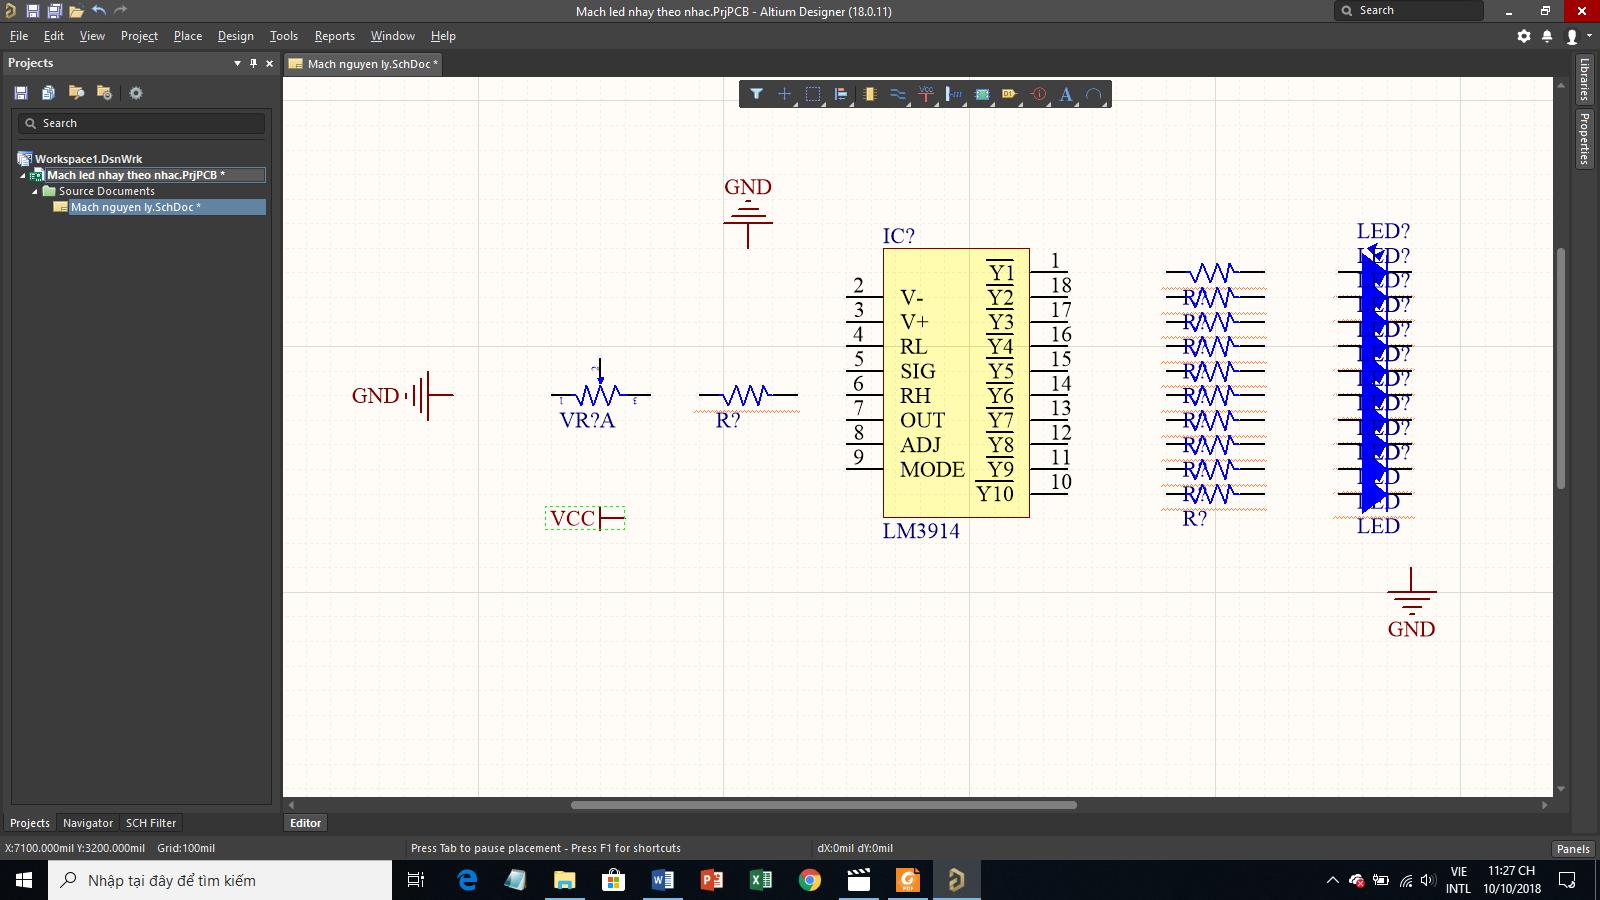 Hướng dẫn thiết kế Mạch đèn nháy theo nhạc trên Altium Designer (P1)